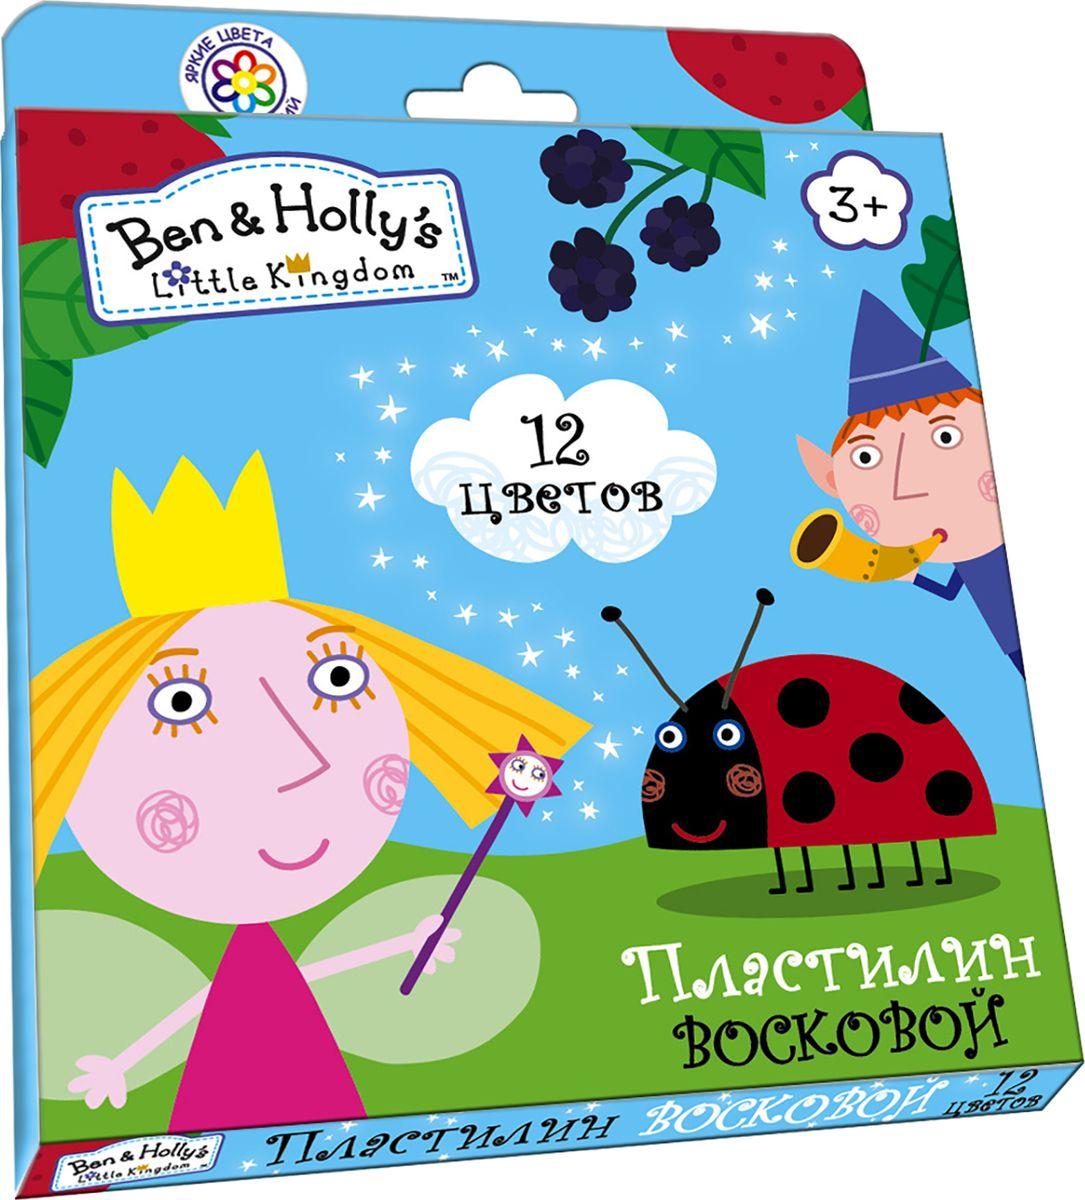 Ben&Holly Пластилин восковой Бен и Холли 12 цветов730396Яркий восковый пластилин Бен и Холли поможет вашему малышу создавать не только прекрасные поделки, но и рисунки. Изготовленный на основе природного воска и натуральных наполнителей, он обладает особой мягкостью и пластичностью: легко разминается и моделируется детскими пальчиками, не пачкается, не прилипает к рукам и рабочей поверхности, не крошится, не высыхает, хорошо держит форму, его цвета легко смешиваются друг с другом. Создавайте новые цвета и оттенки, лепите, рисуйте и экспериментируйте, развивая при этом у ребенка мелкую моторику, тактильное восприятие формы, веса и фактуры, воображение и пространственное мышление. А любимые герои будут вдохновлять юного мастера на новые творческие идеи. В наборе Бен и Холли 12 ярких цветов воскового пластилина по 15 г и пластиковая стека. Состав: парафин, петролатум, мел, каолин, красители.